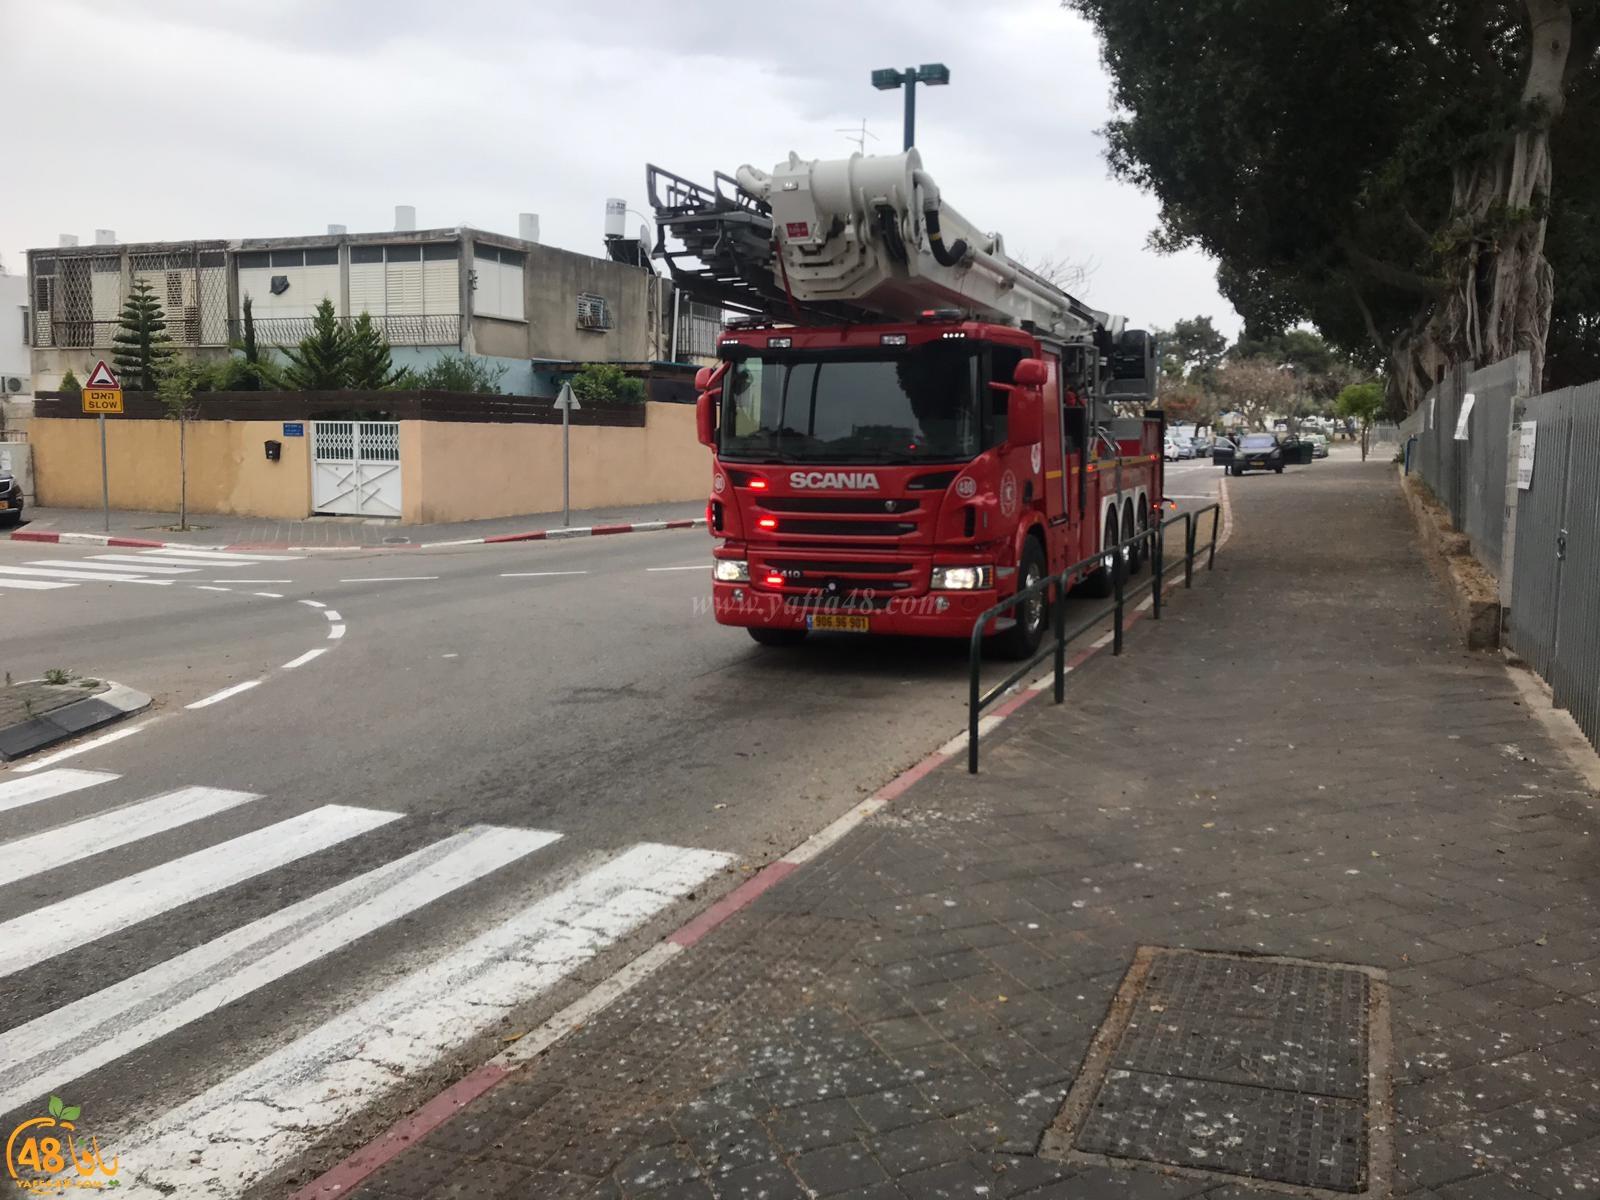 فيديو: حريق داخل مدرسة عيروني ز بيافا ولا أنباء عن اصابات